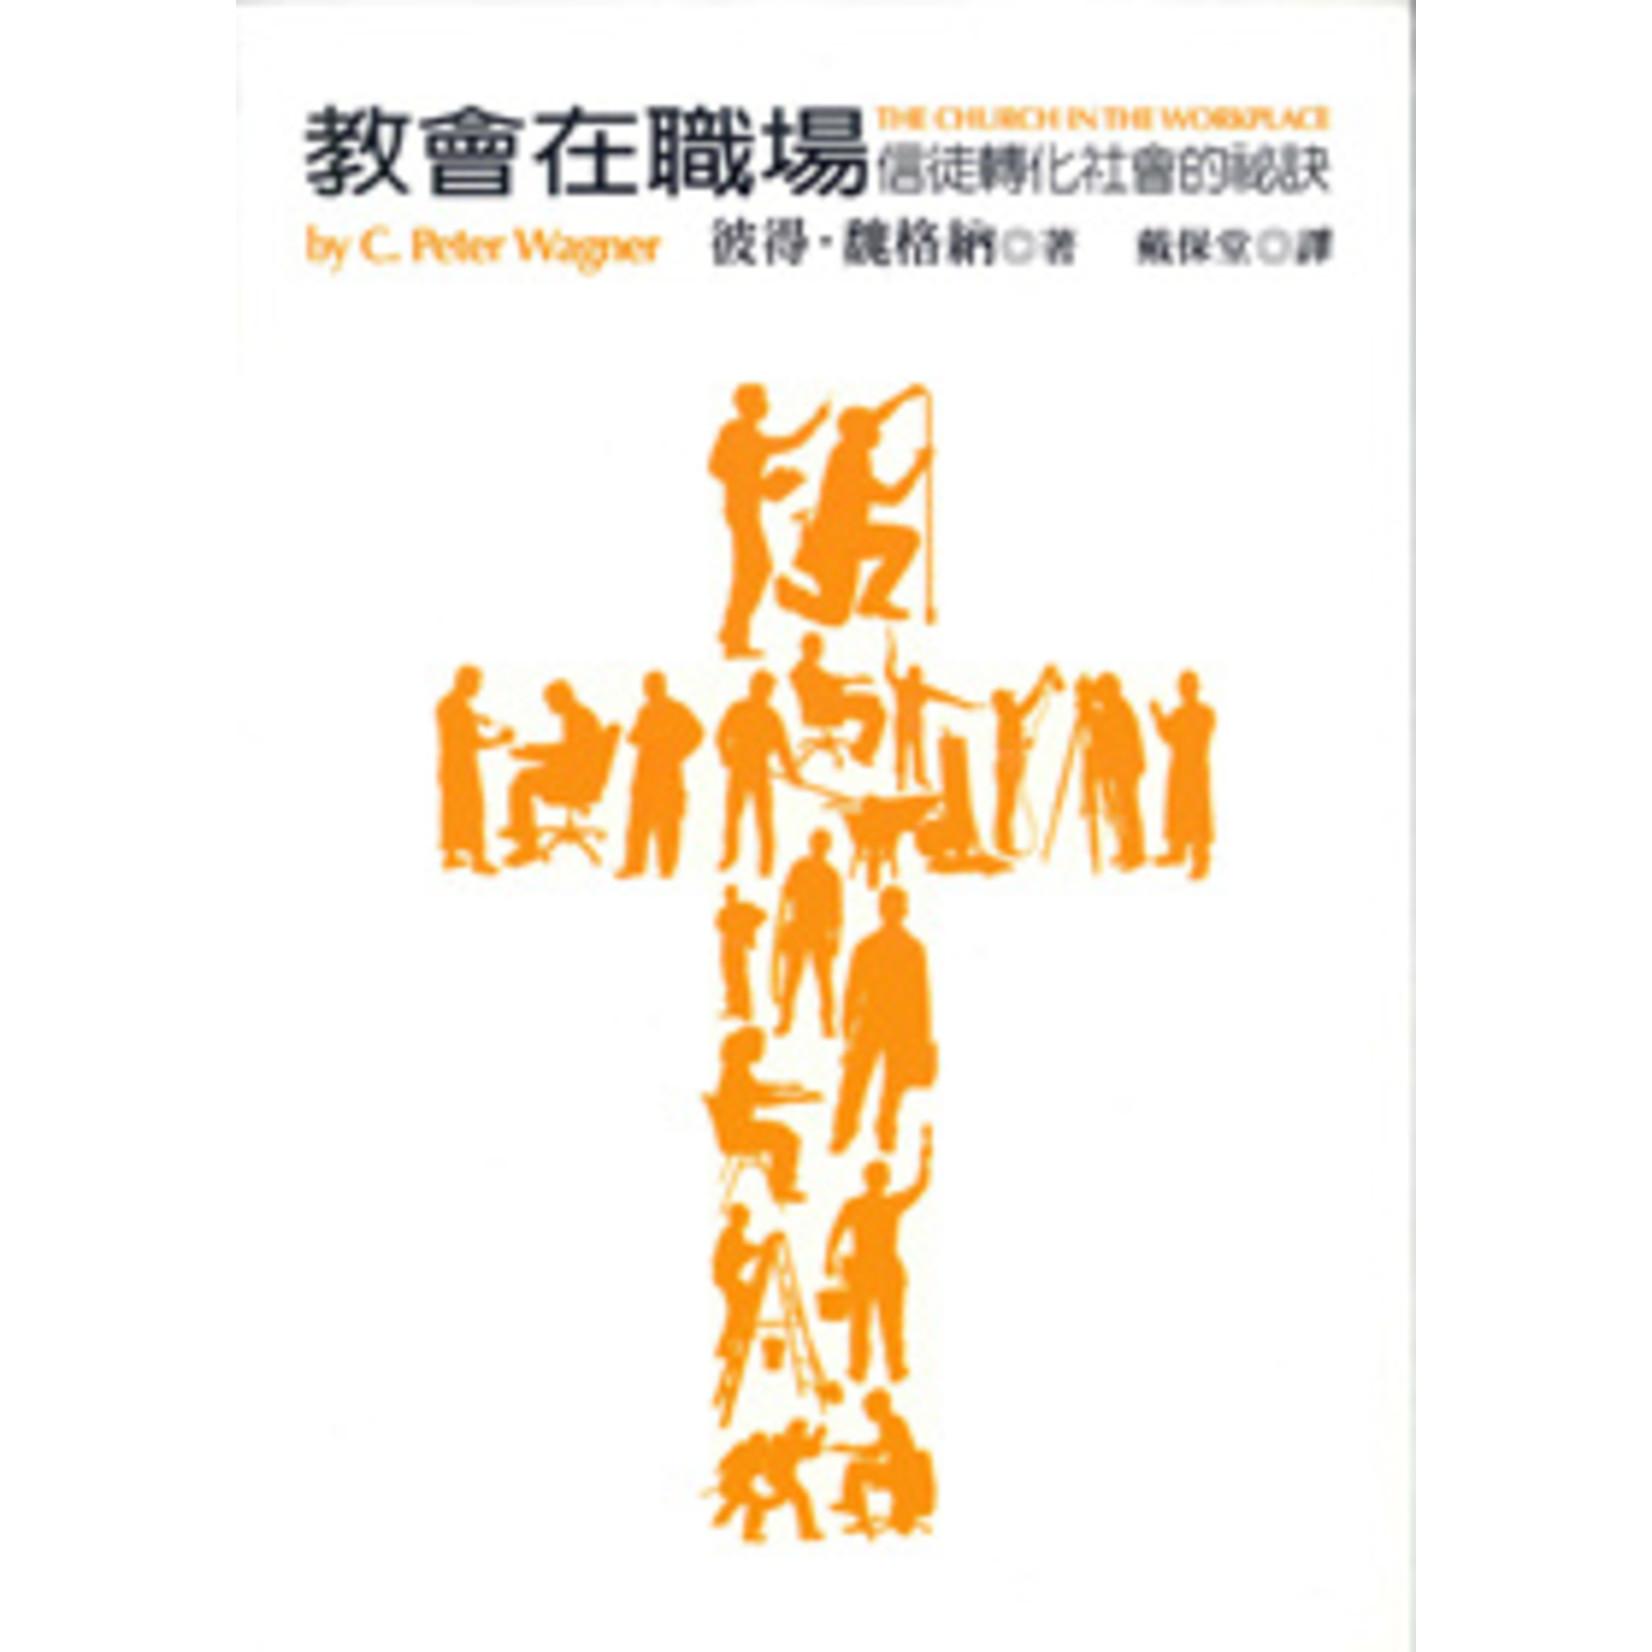 以琳 Elim (TW) 教會在職場:信徒轉化社會的祕訣 The Church in the Workplace